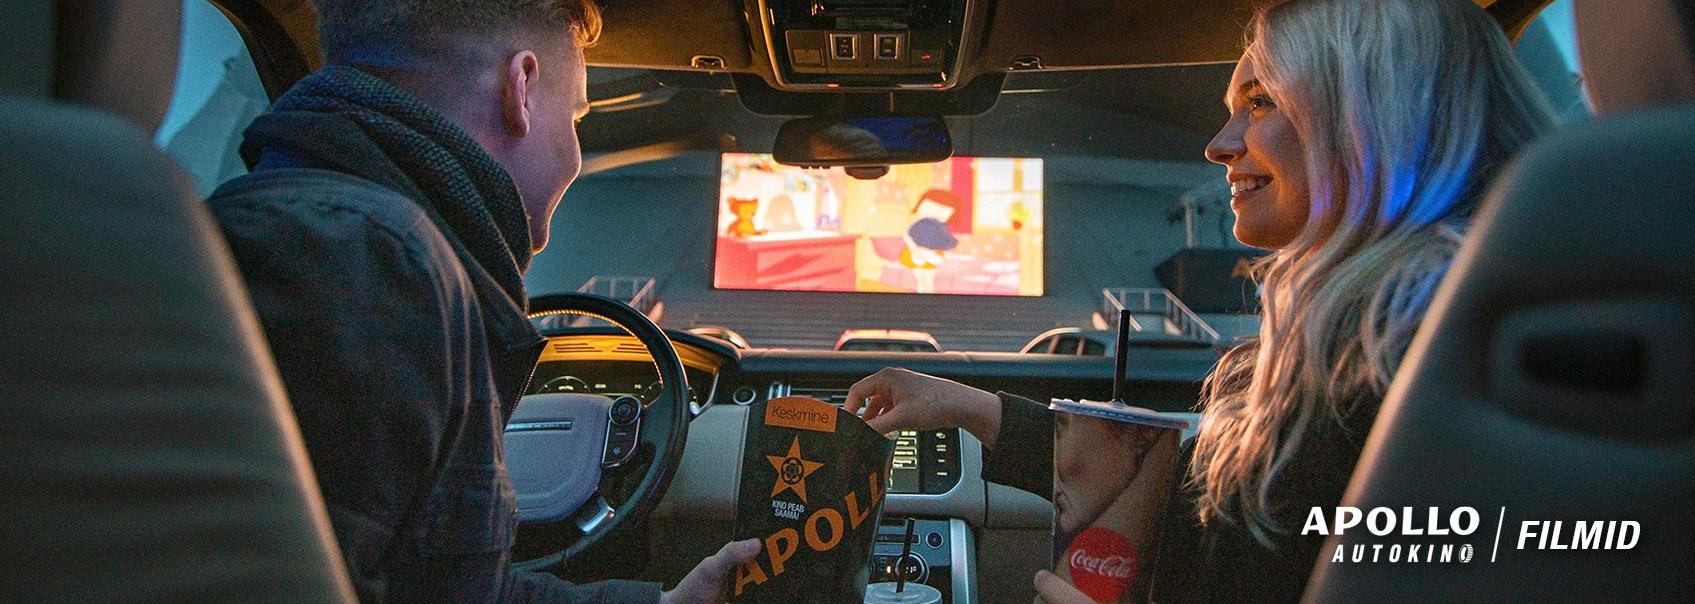 DriveIn - Film